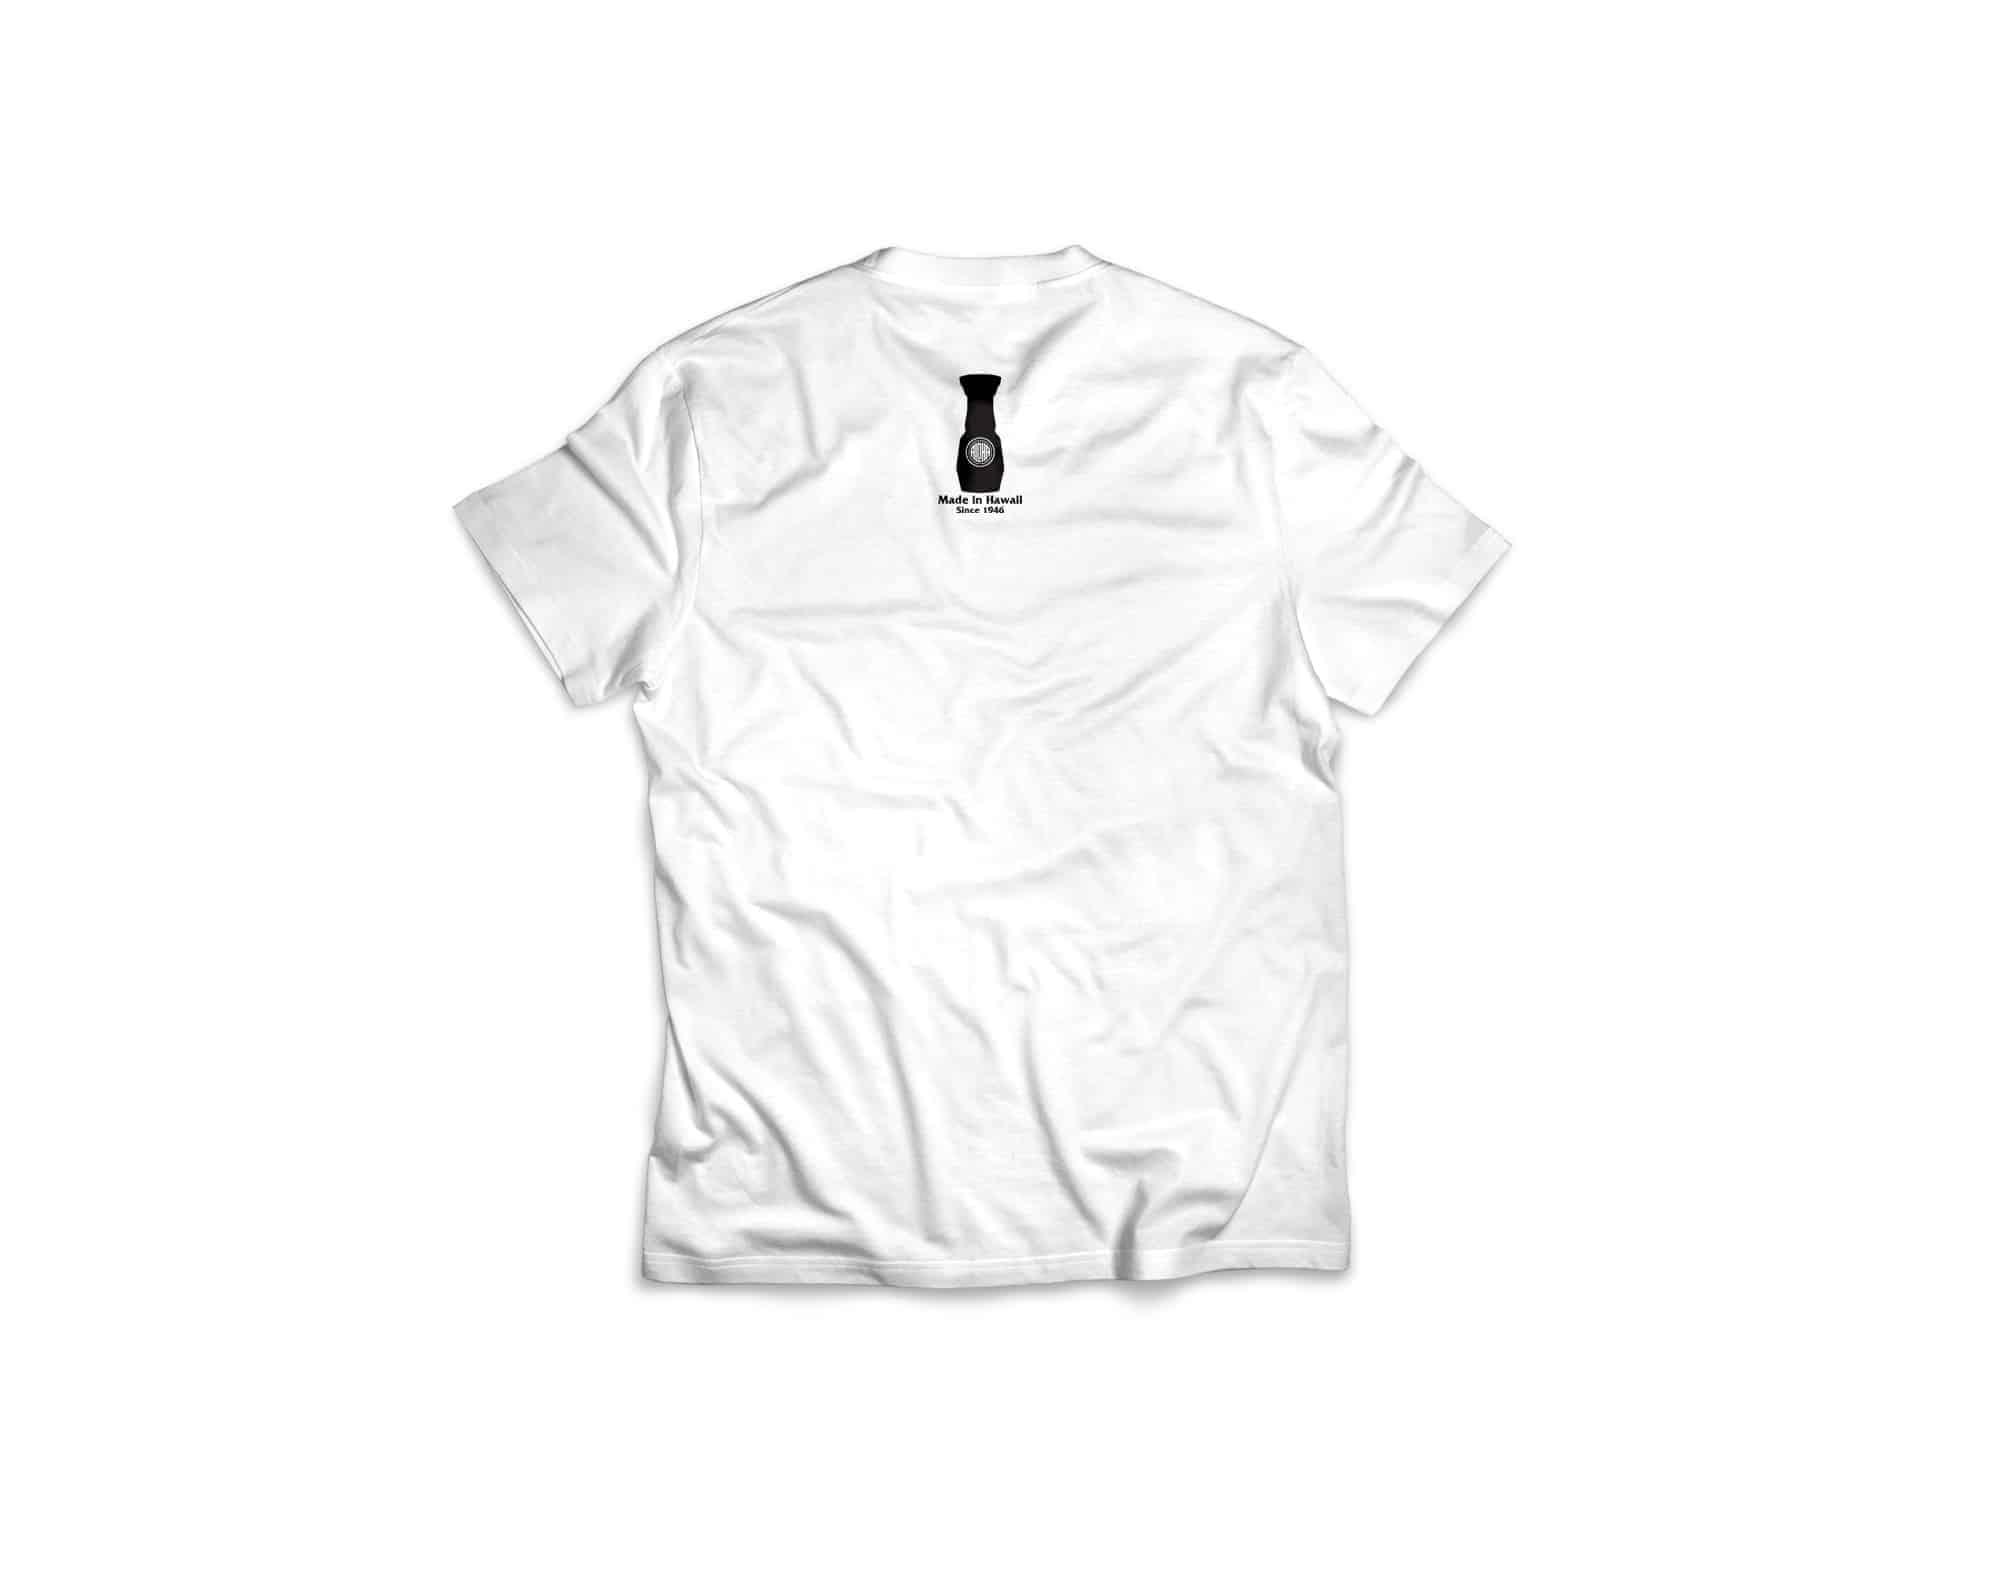 shirt006b